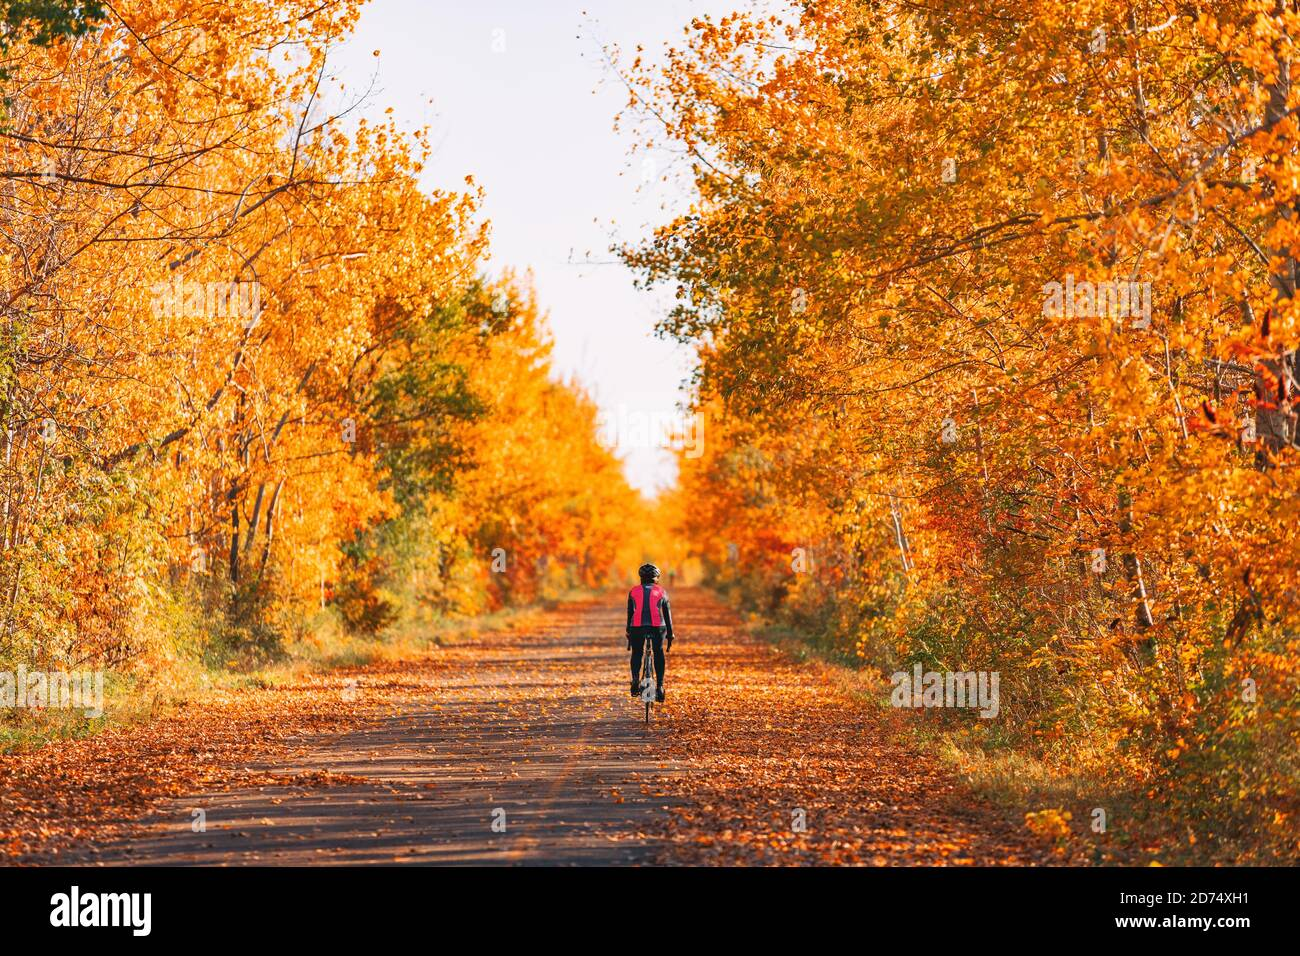 Bicicleta ciclista ciclismo en el bosque de otoño con un hermoso paisaje de hojas de otoño follaje rojo. Ciclismo en carretera Foto de stock